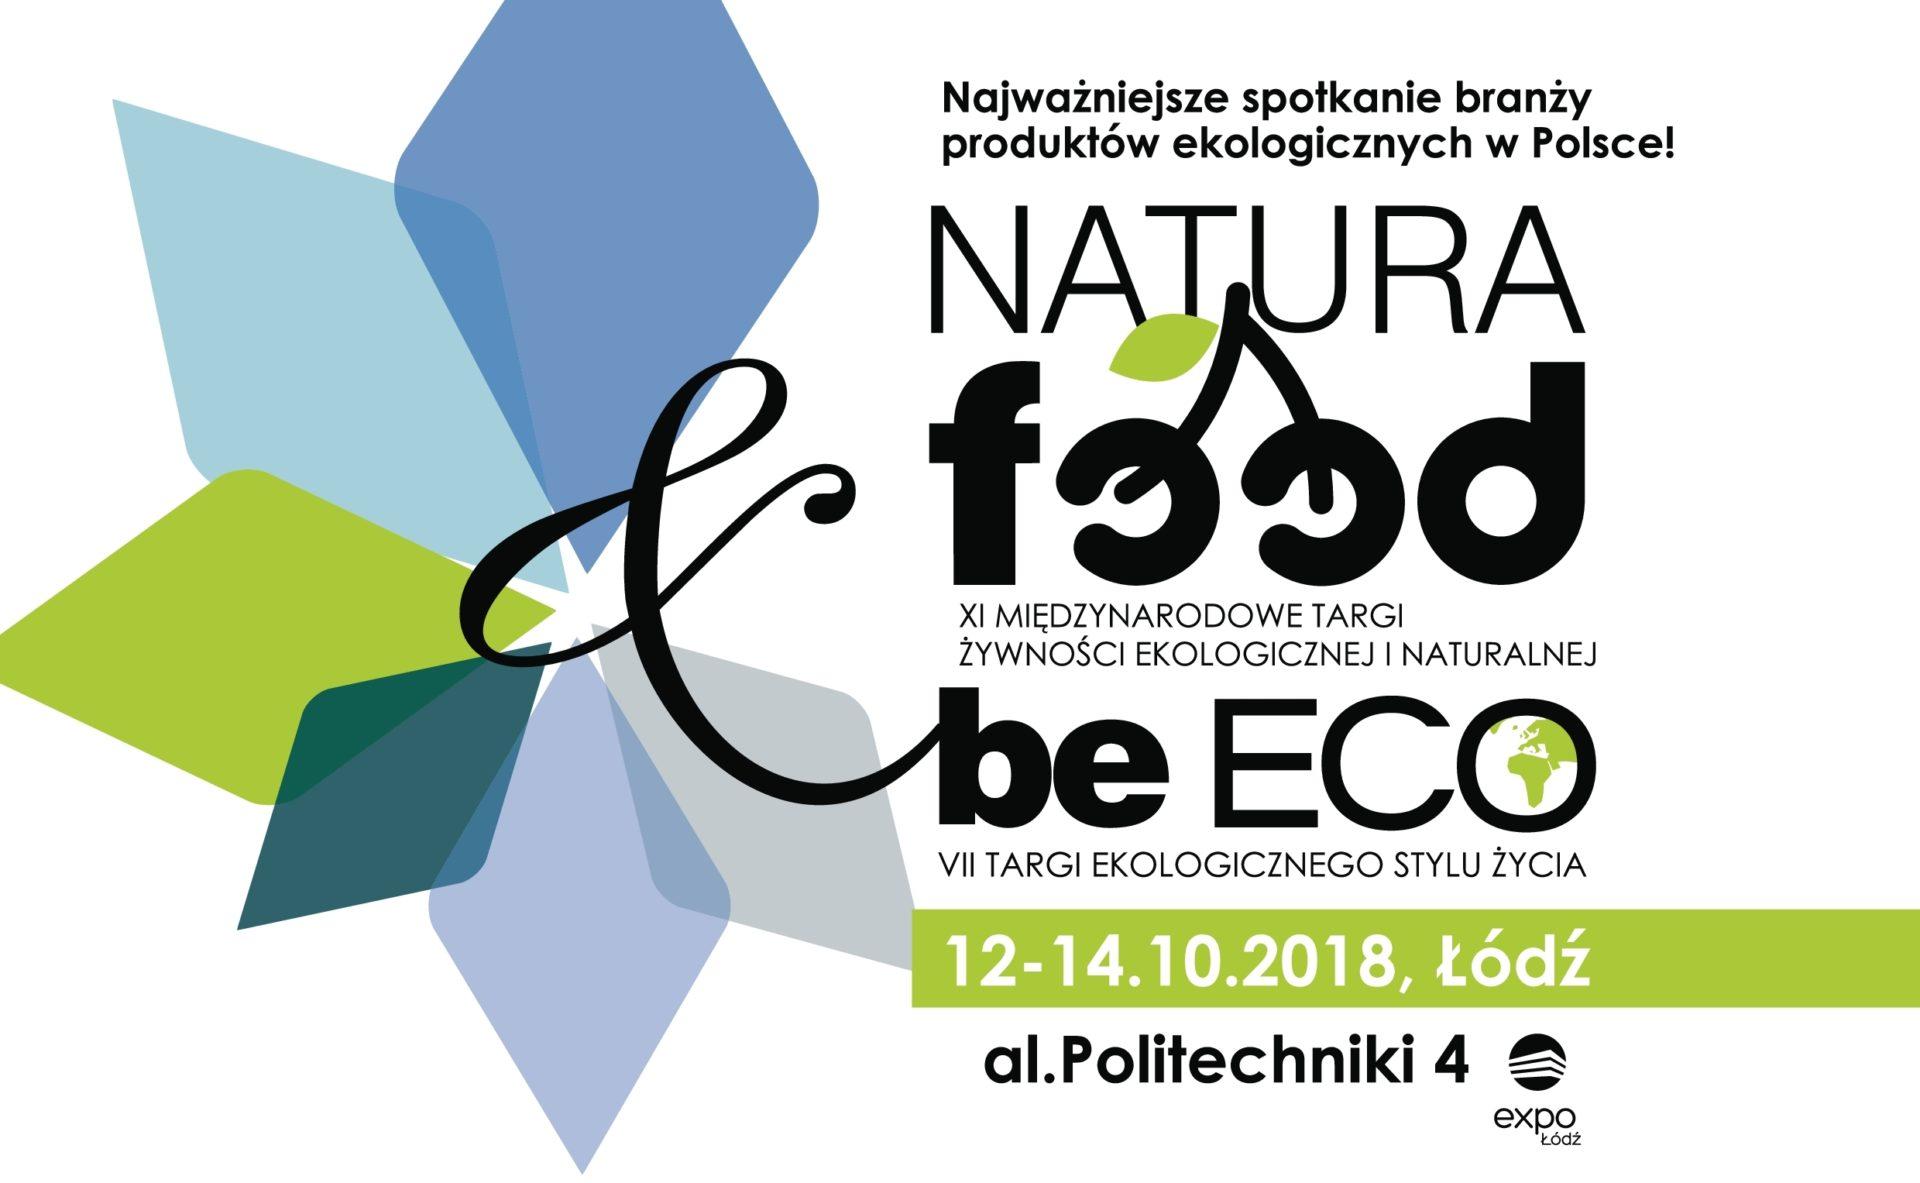 Udział w targach NATURA FOOD w Łodzi to już nasza tradycja!